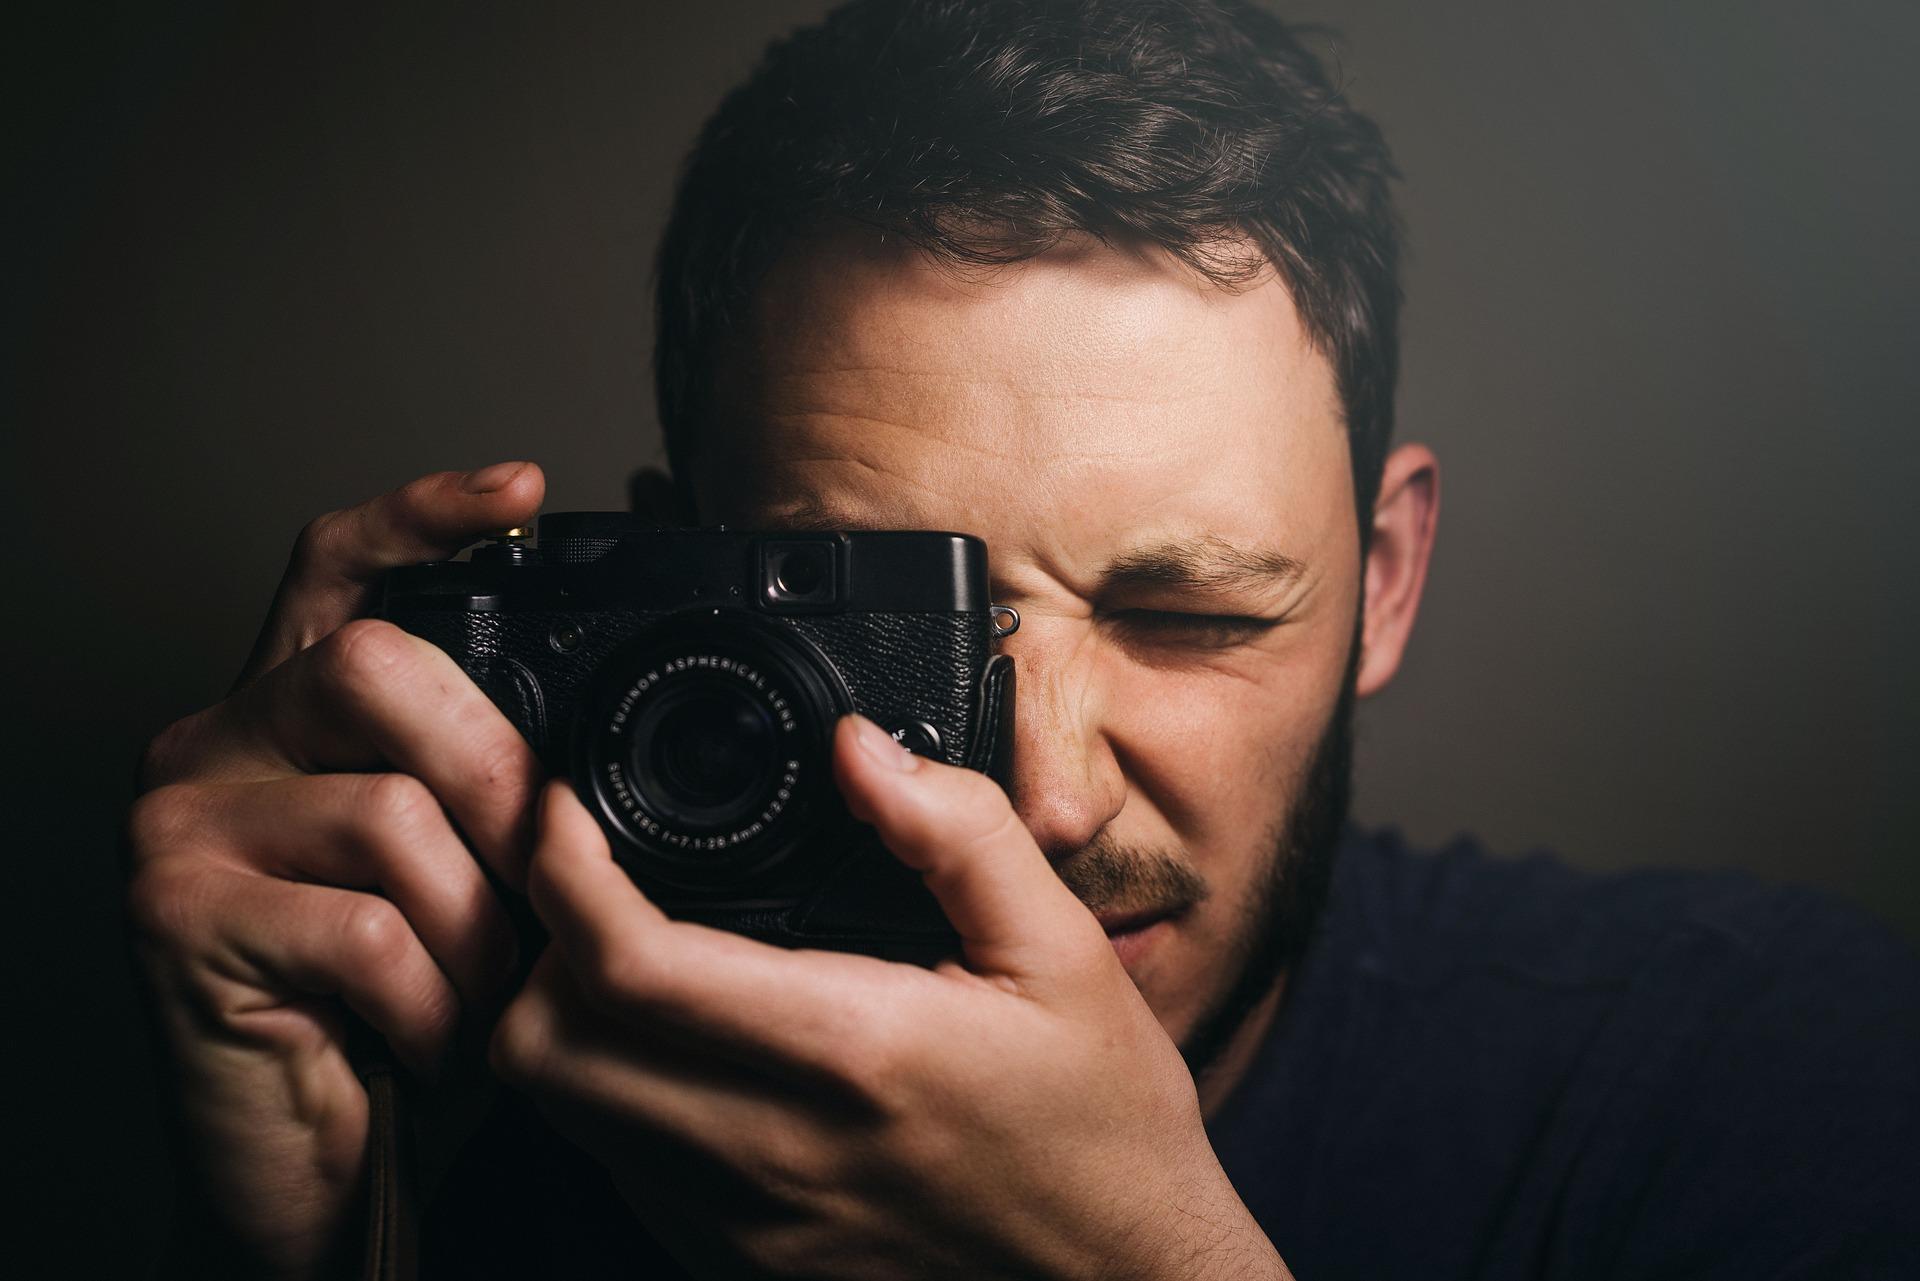 people-2567215_1920 一眼レフ・ミラーレス・コンデジ・その他カメラやスマホで写真をブレずに撮るテクニックとコツを解説!